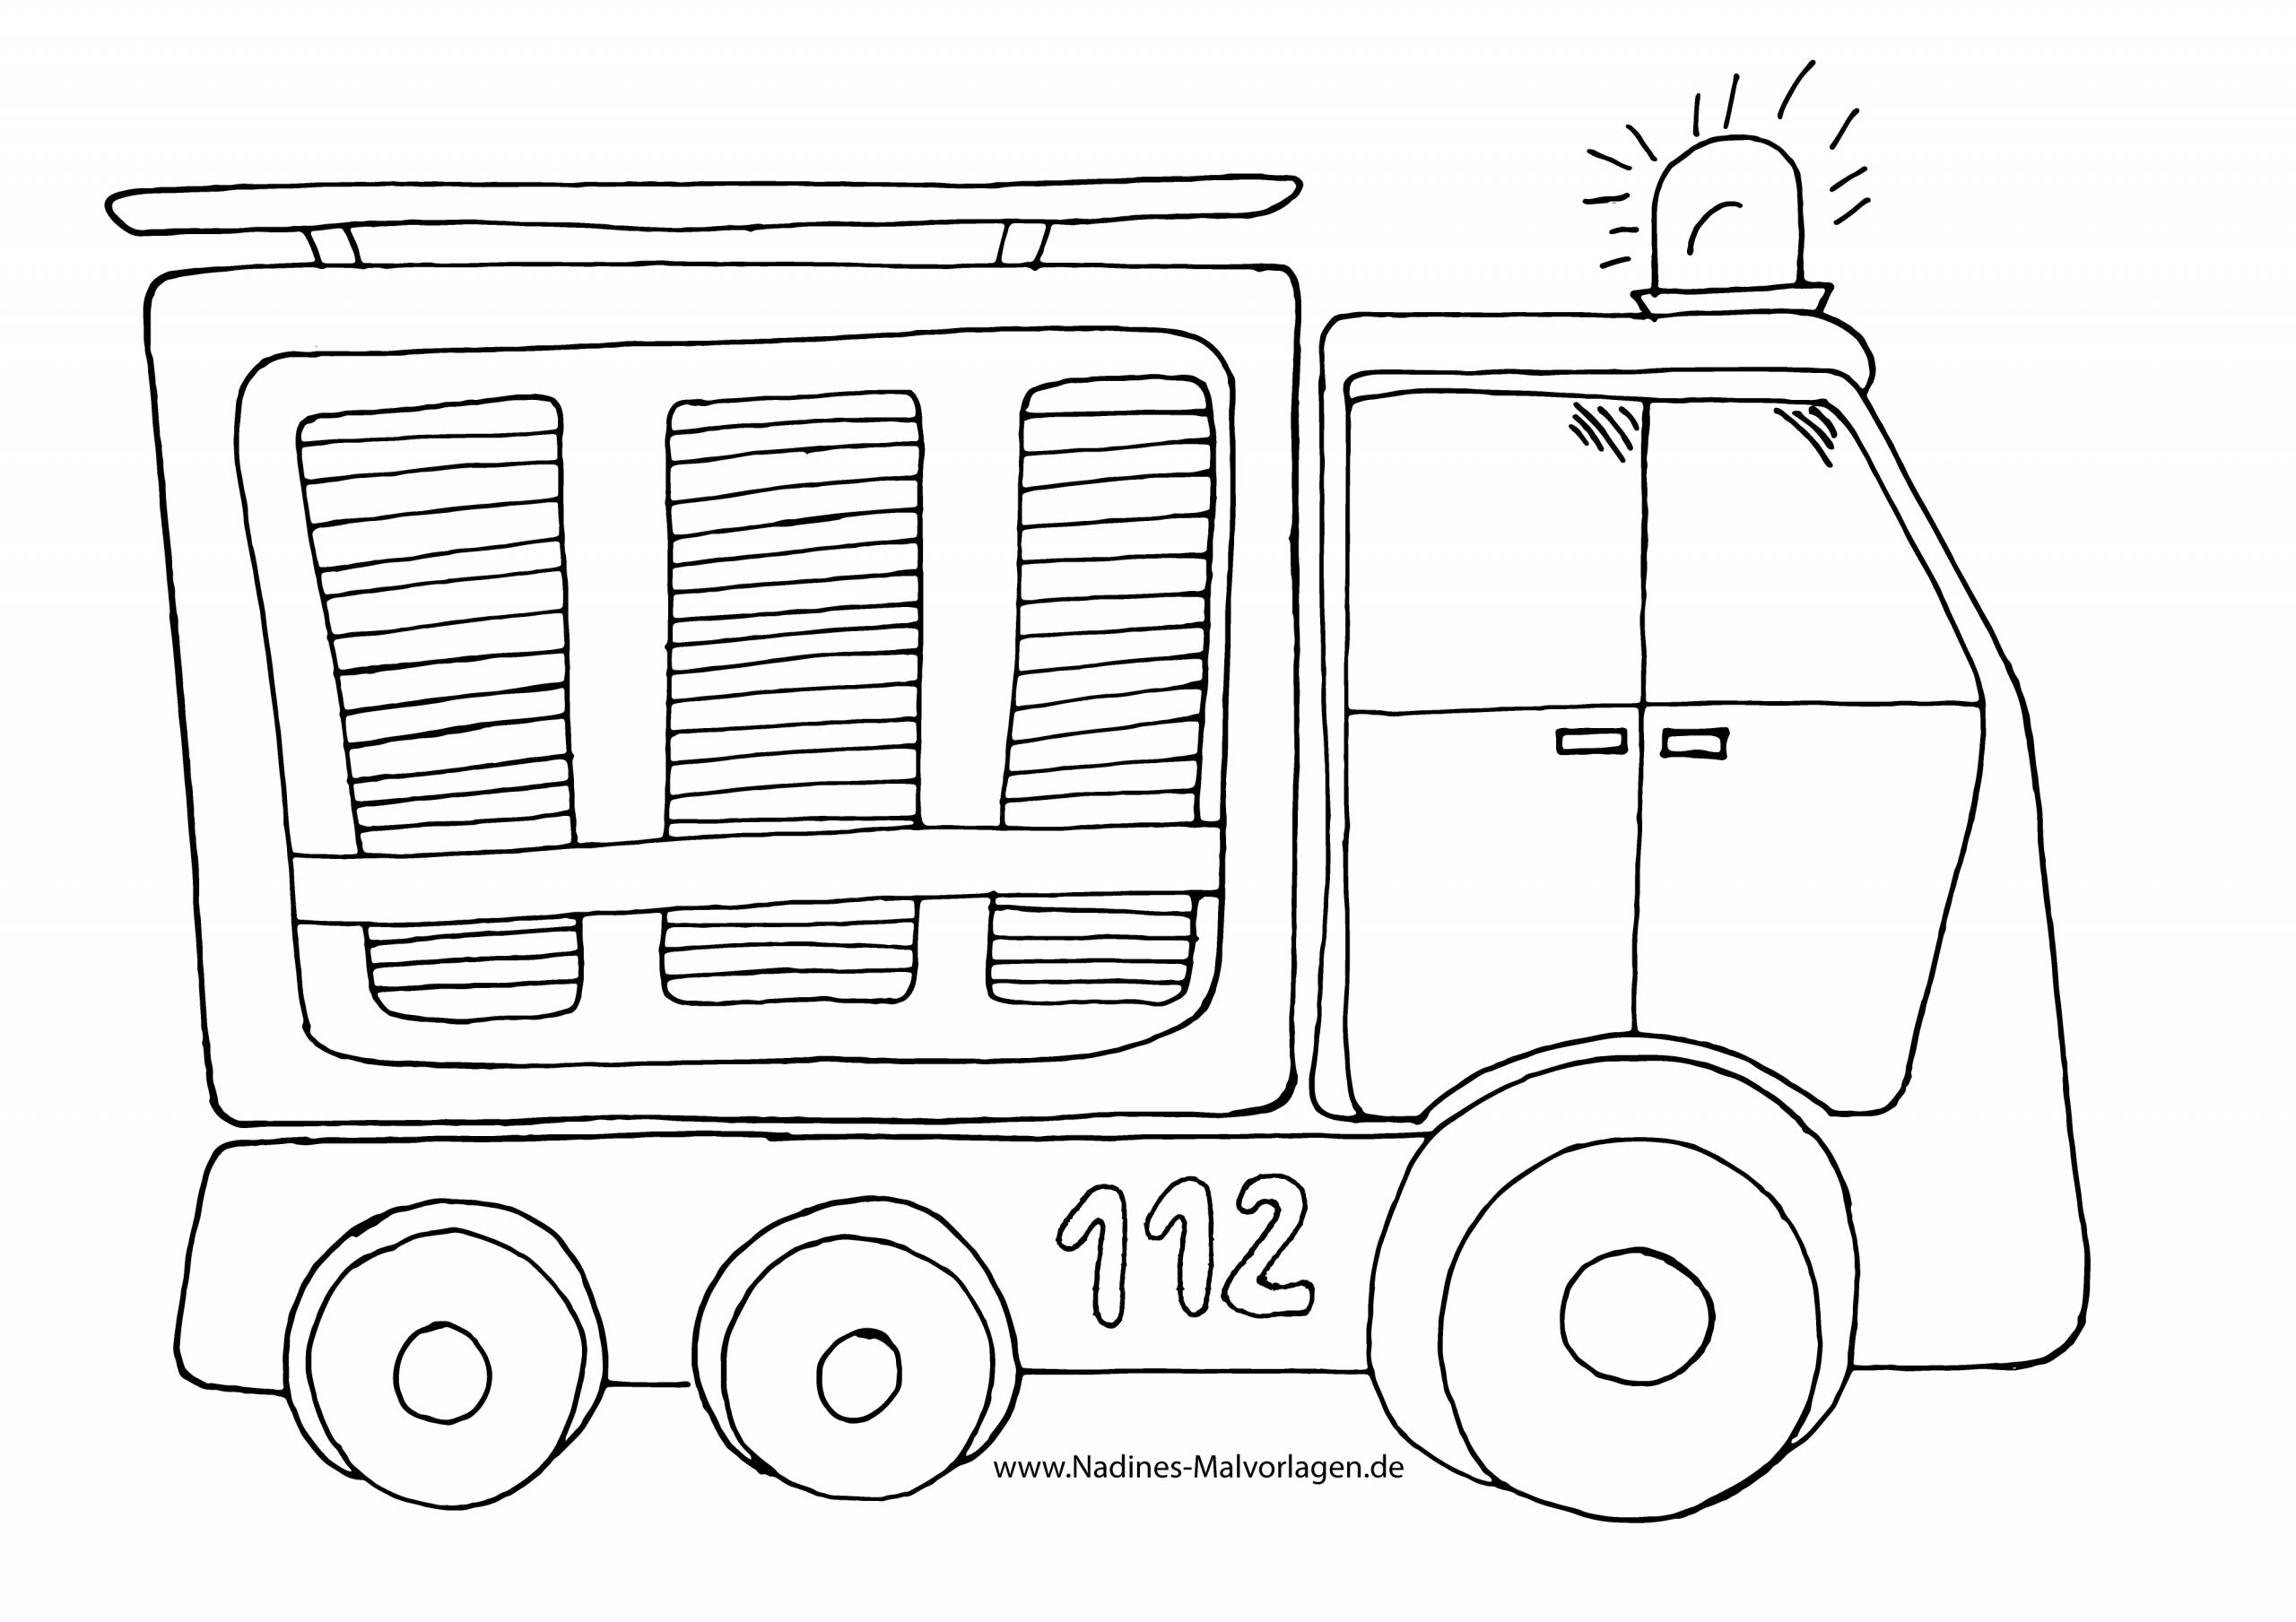 Bildergebnis Für Feuerwehr Ausmalbilder Kindergarten bestimmt für Feuerwehr Ausmalbilder Kindergarten